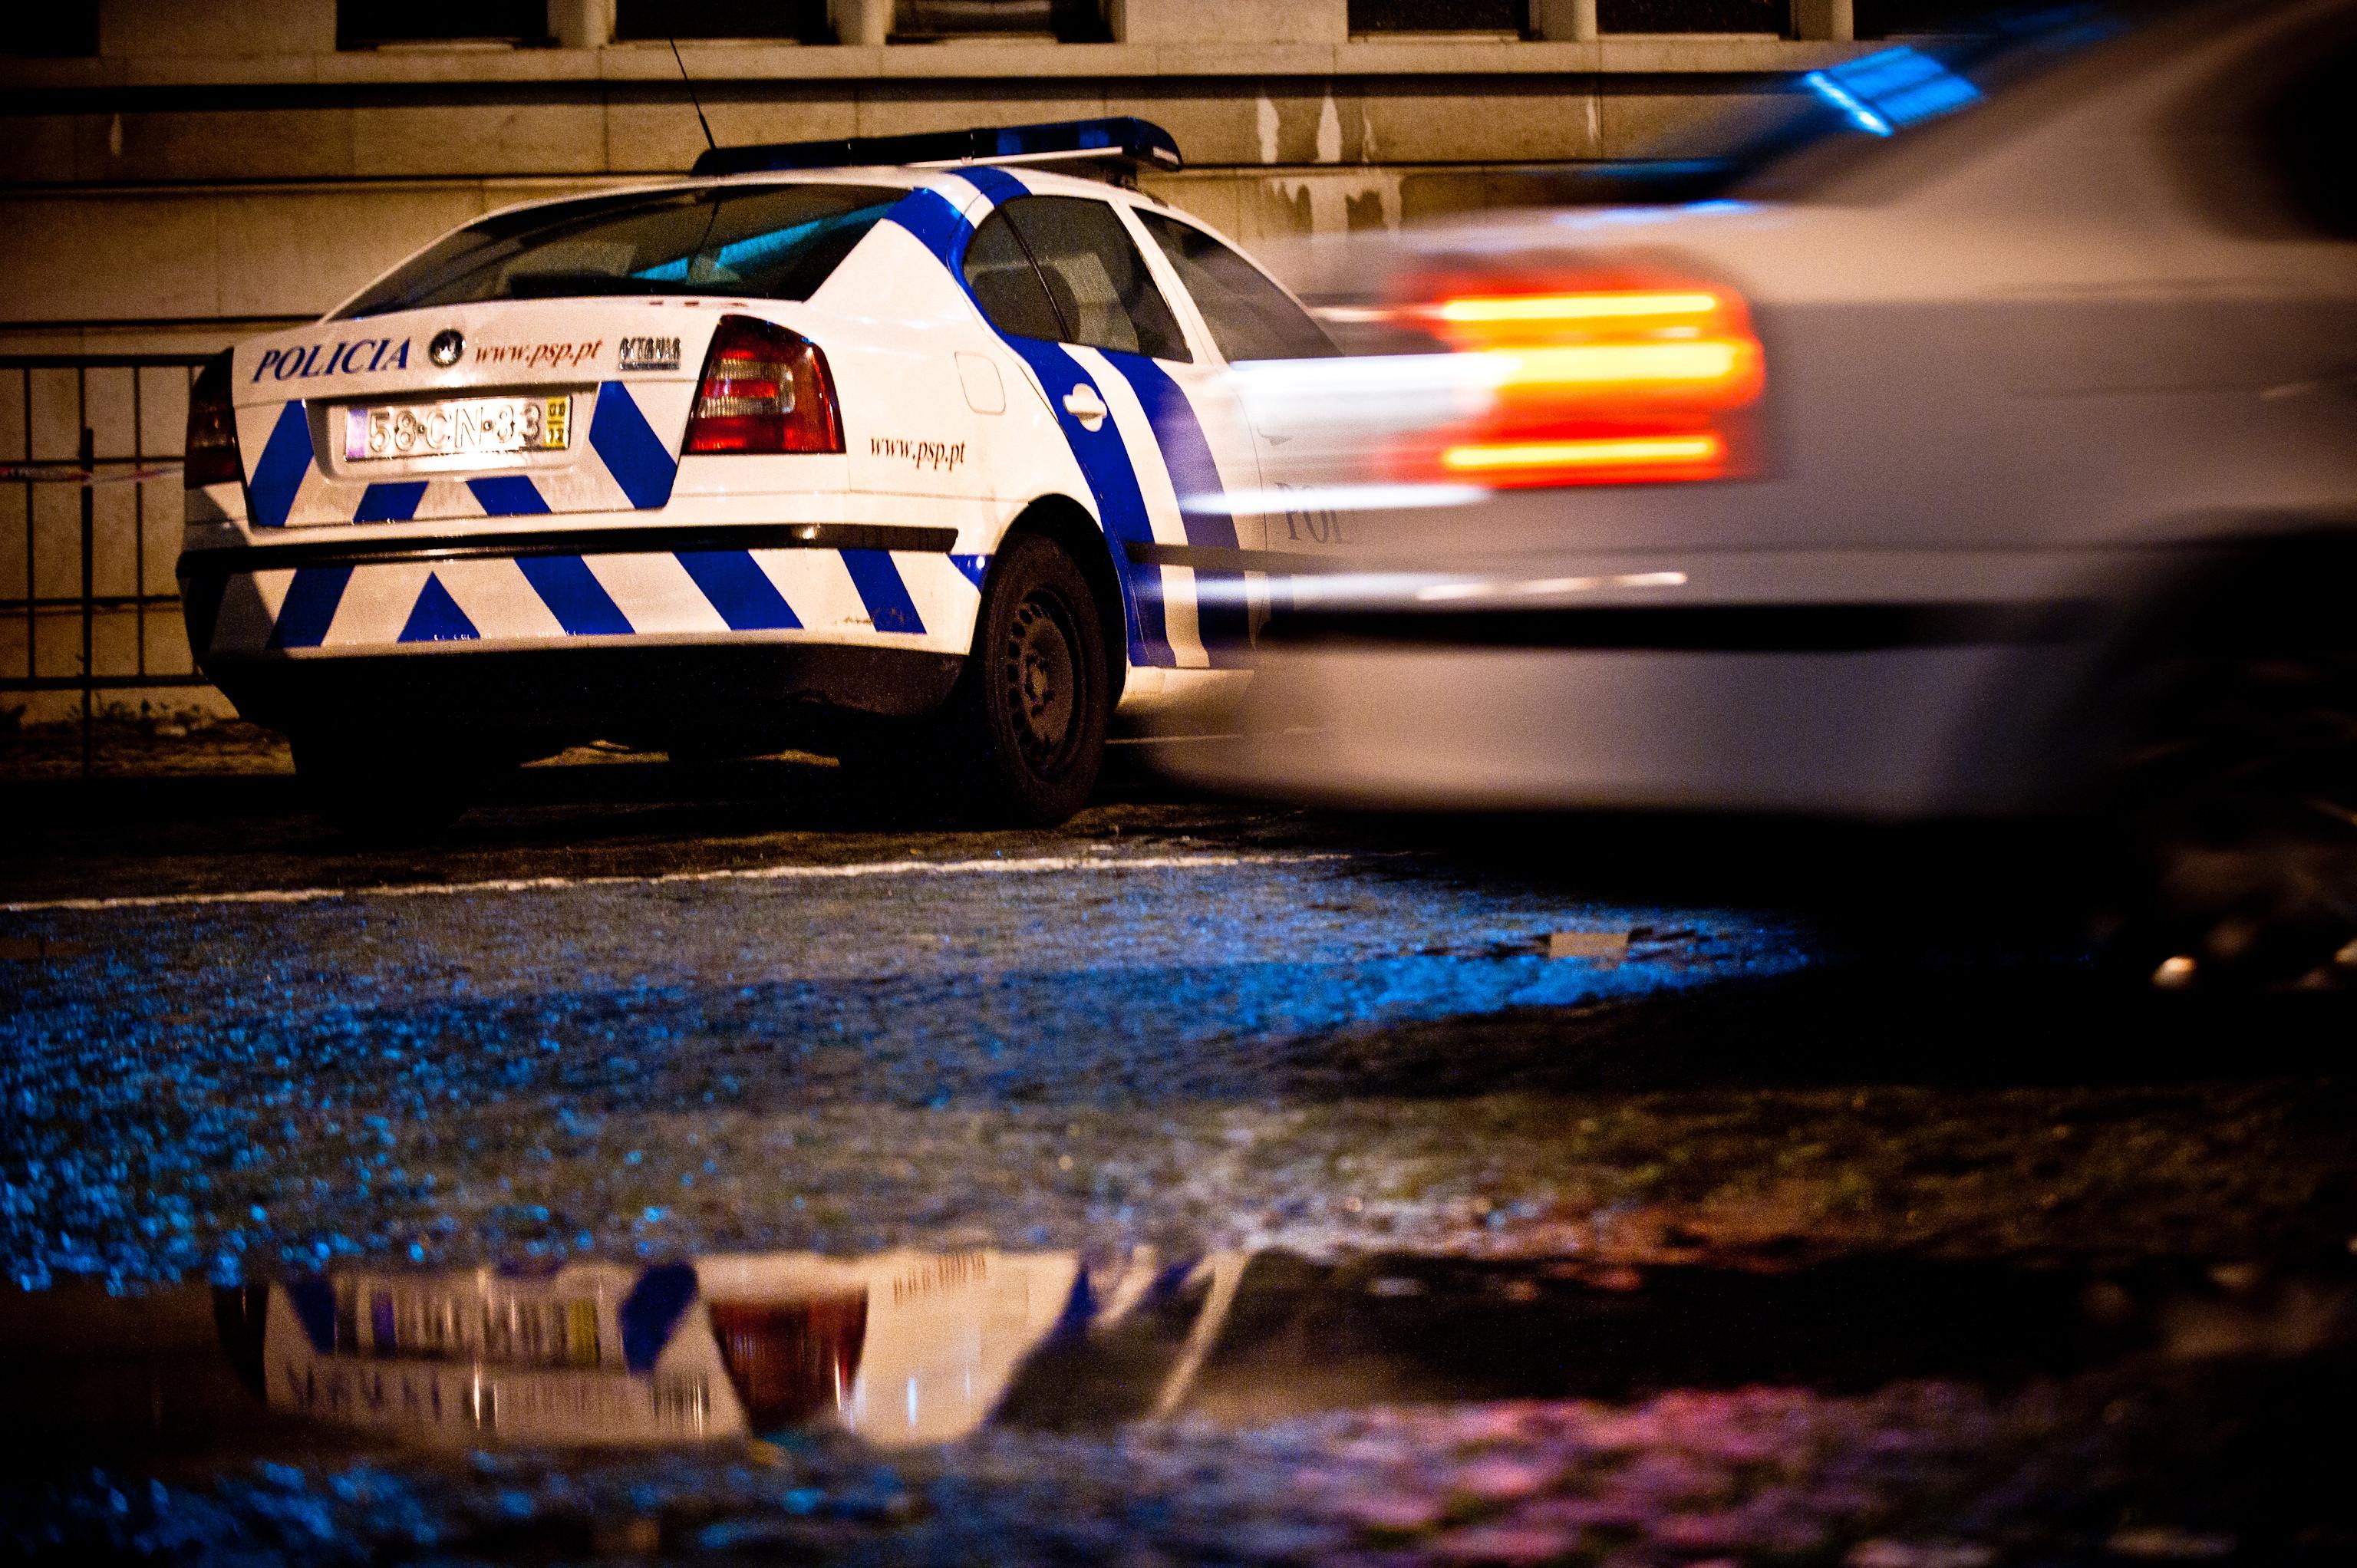 Perseguição policial na A1 faz quatro feridos e condiciona trânsito